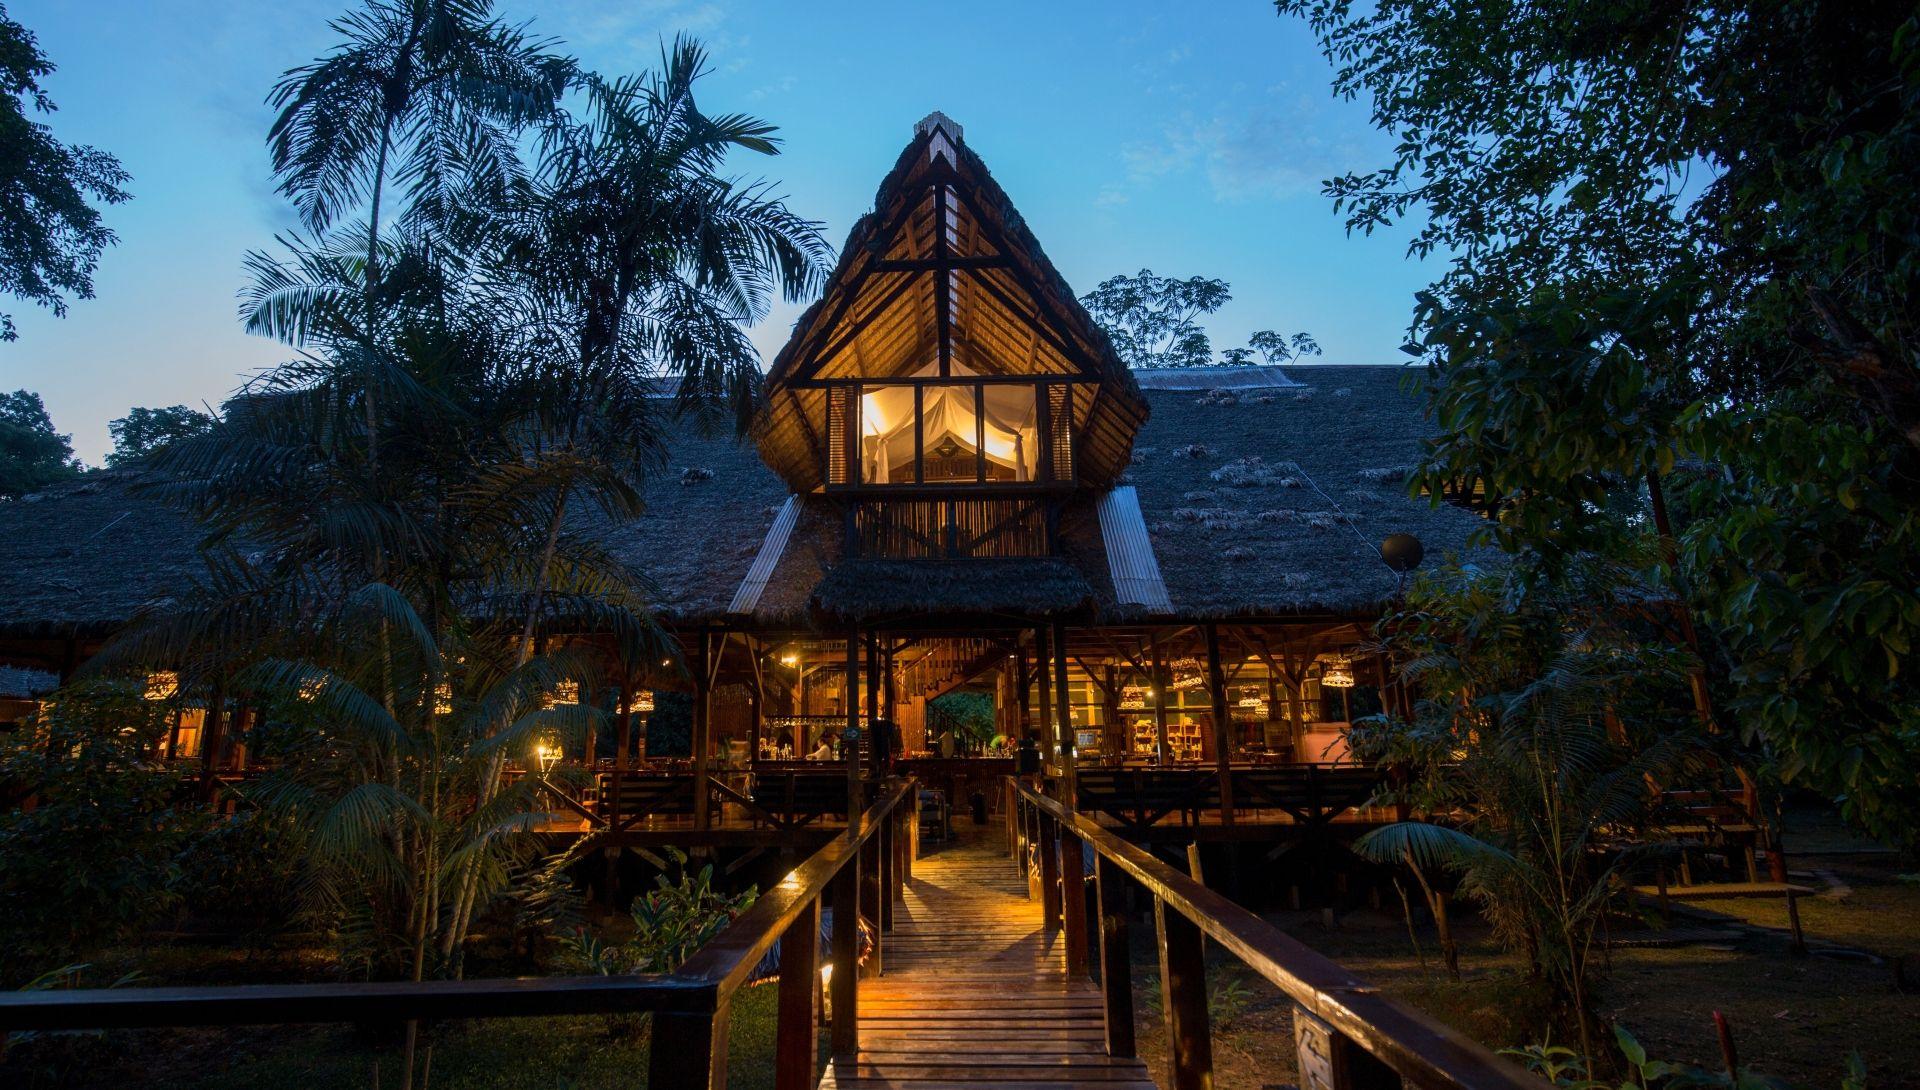 Refugio Amazonas evening scene